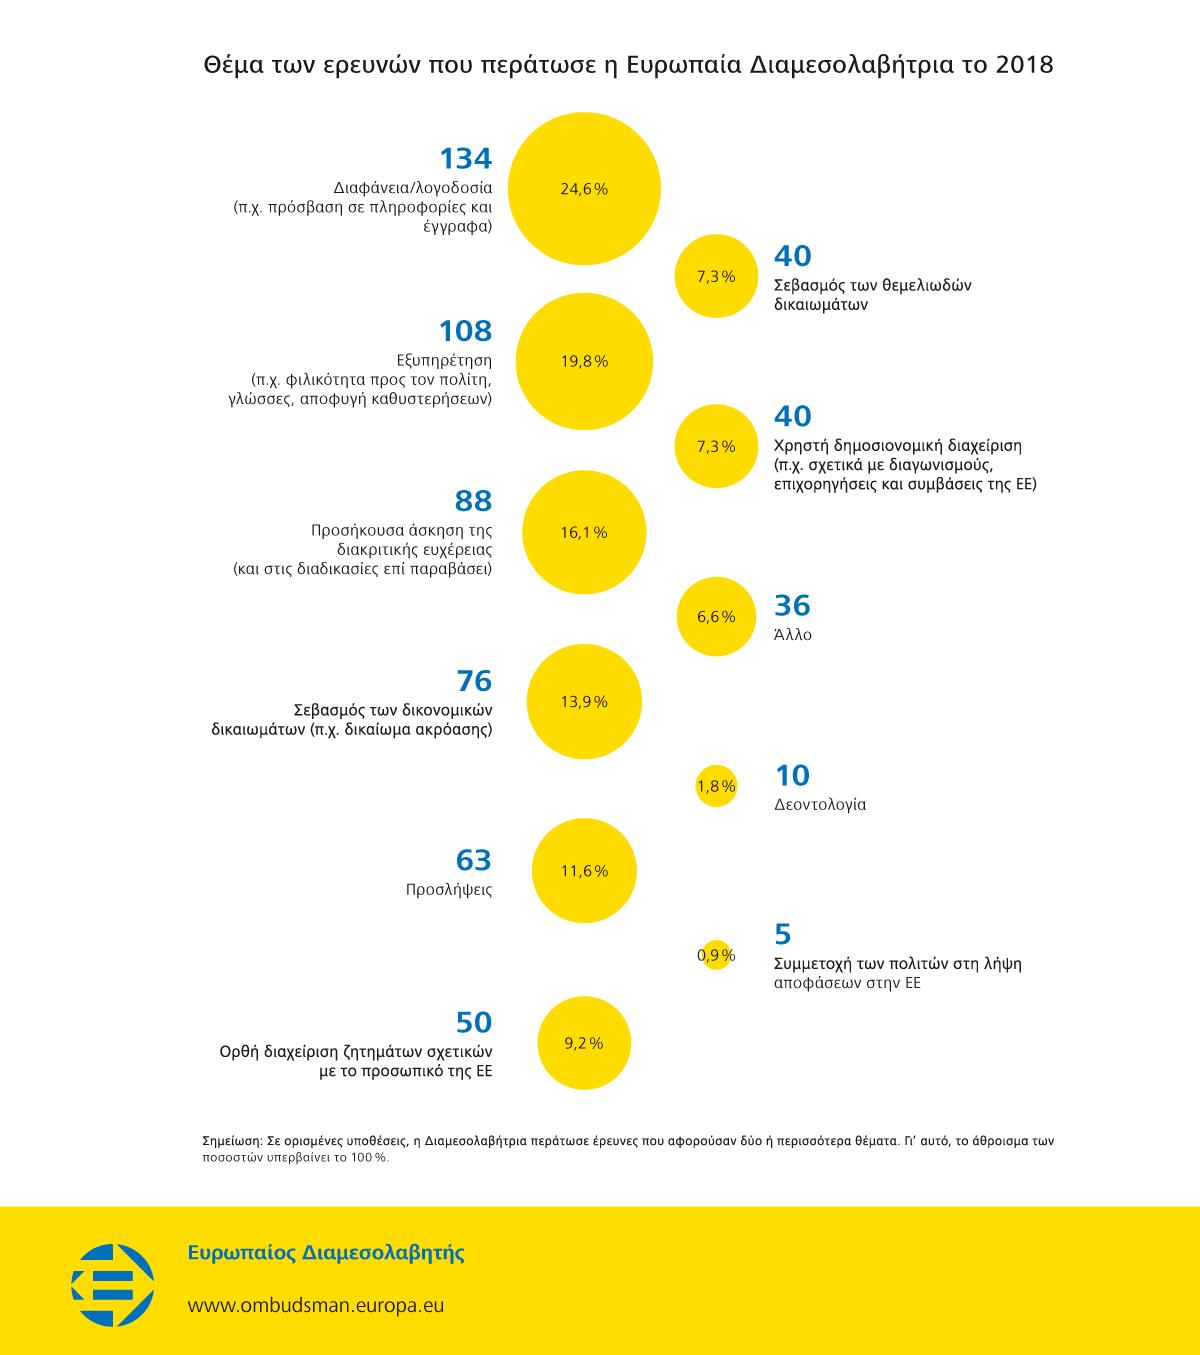 Θέμα των ερευνών που περάτωσε η Ευρωπαία Διαμεσολαβήτρια το 2018